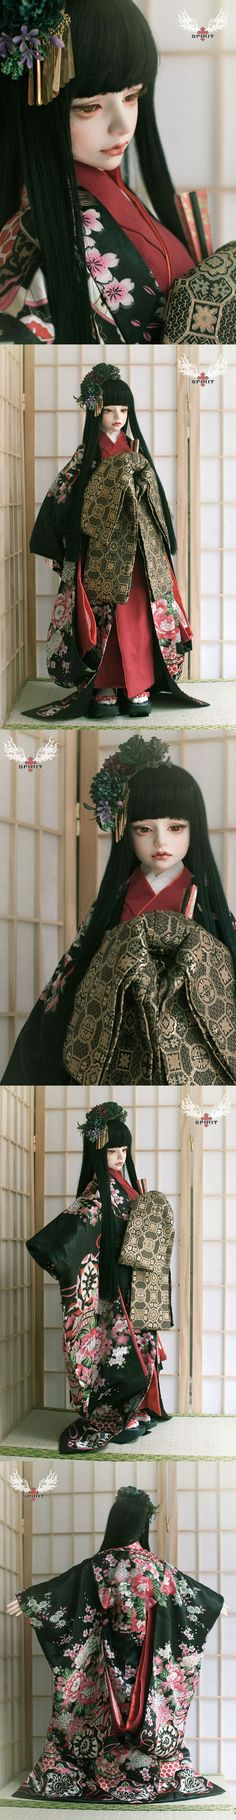 ドール服 75cm/大女/SDサイズ人形用着物セット 黒色